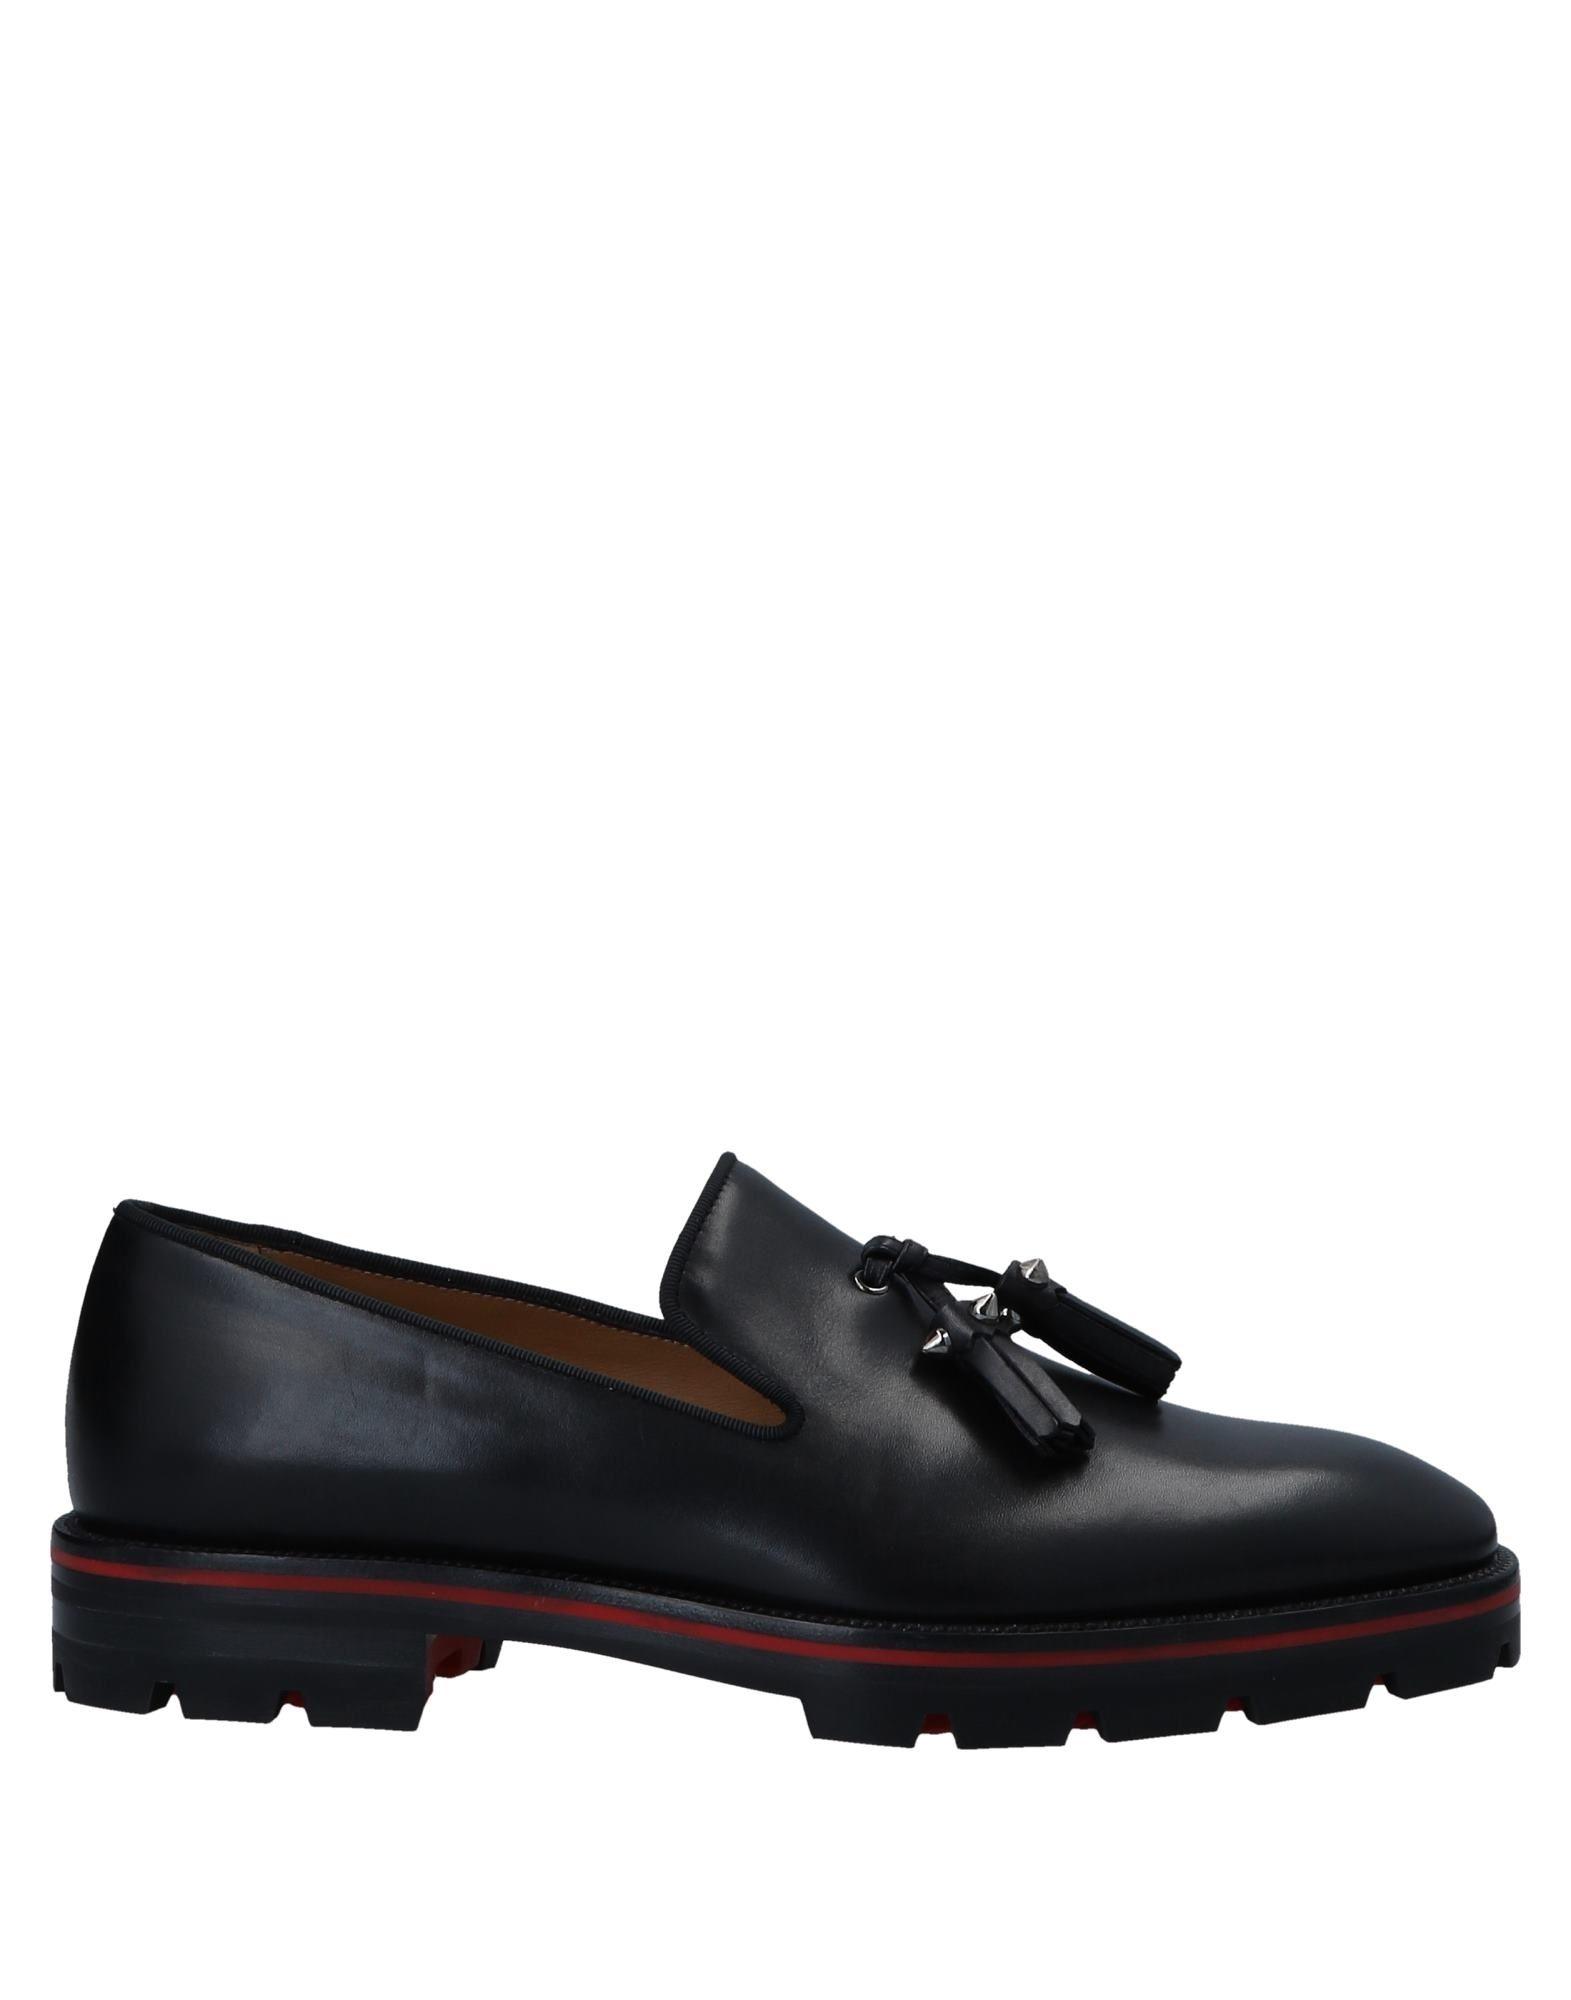 Christian Louboutin Mokassins Herren  11550250DF Gute Qualität beliebte Schuhe